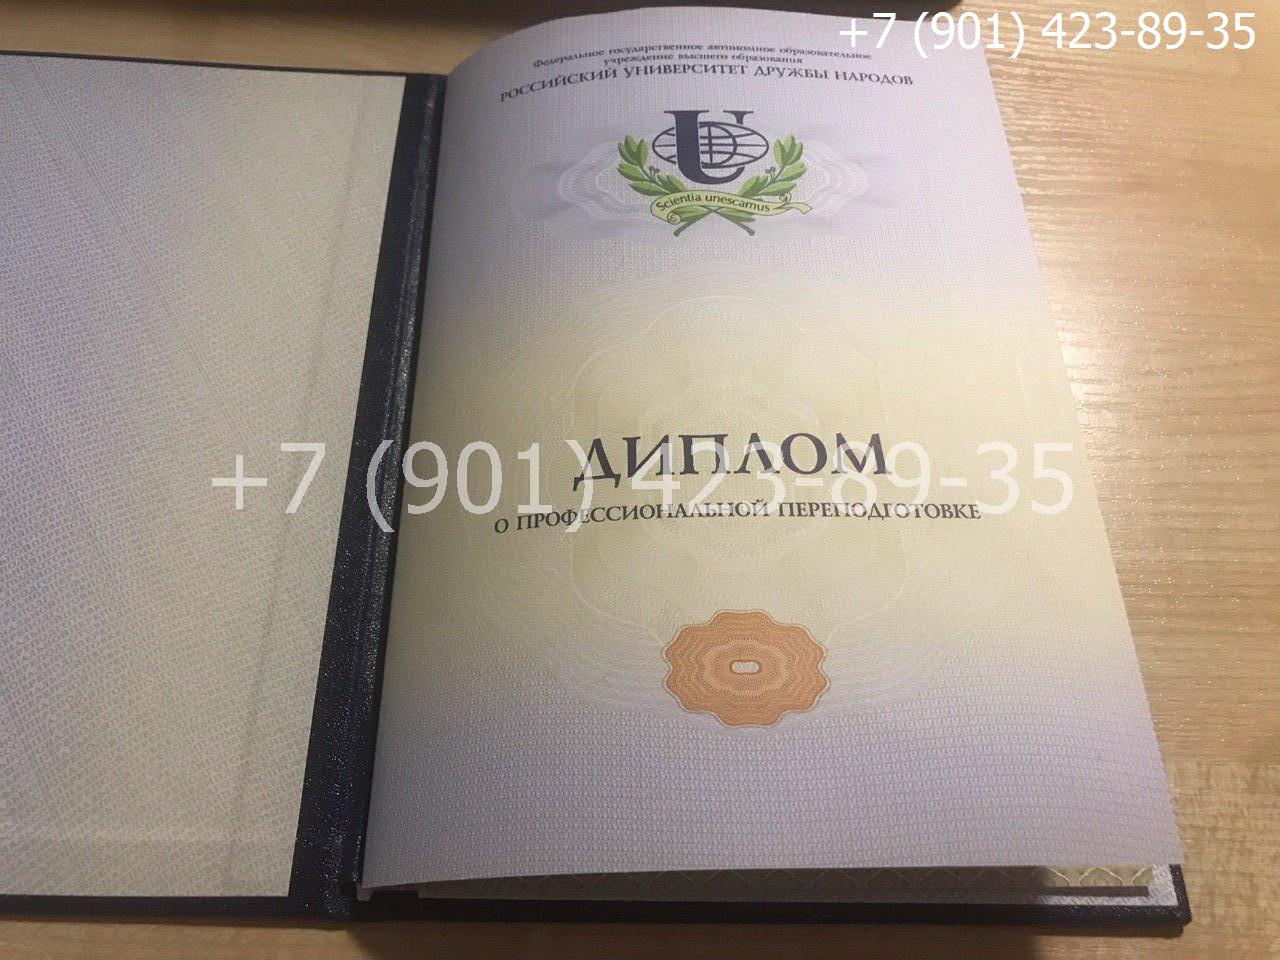 Диплом о профессиональной переподготовке, нового образца, титульный лист